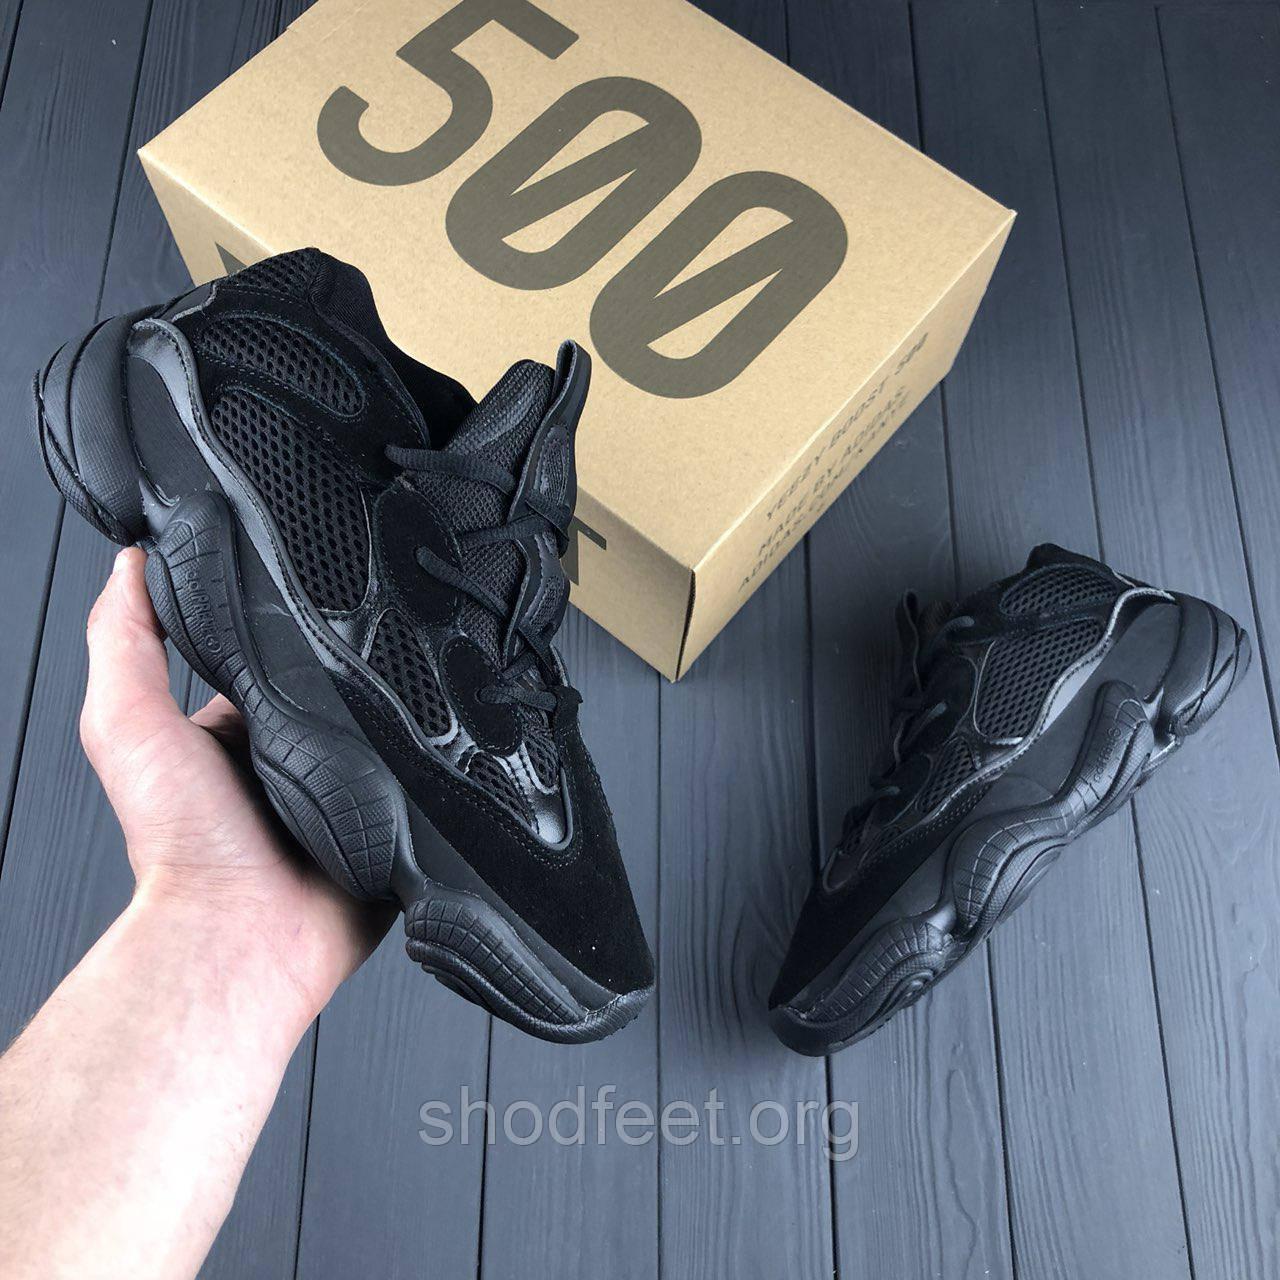 """c1d87d4c Женские кроссовки Adidas Yeezy 500 """"Utility Black"""" - ShodFeet в Харькове"""